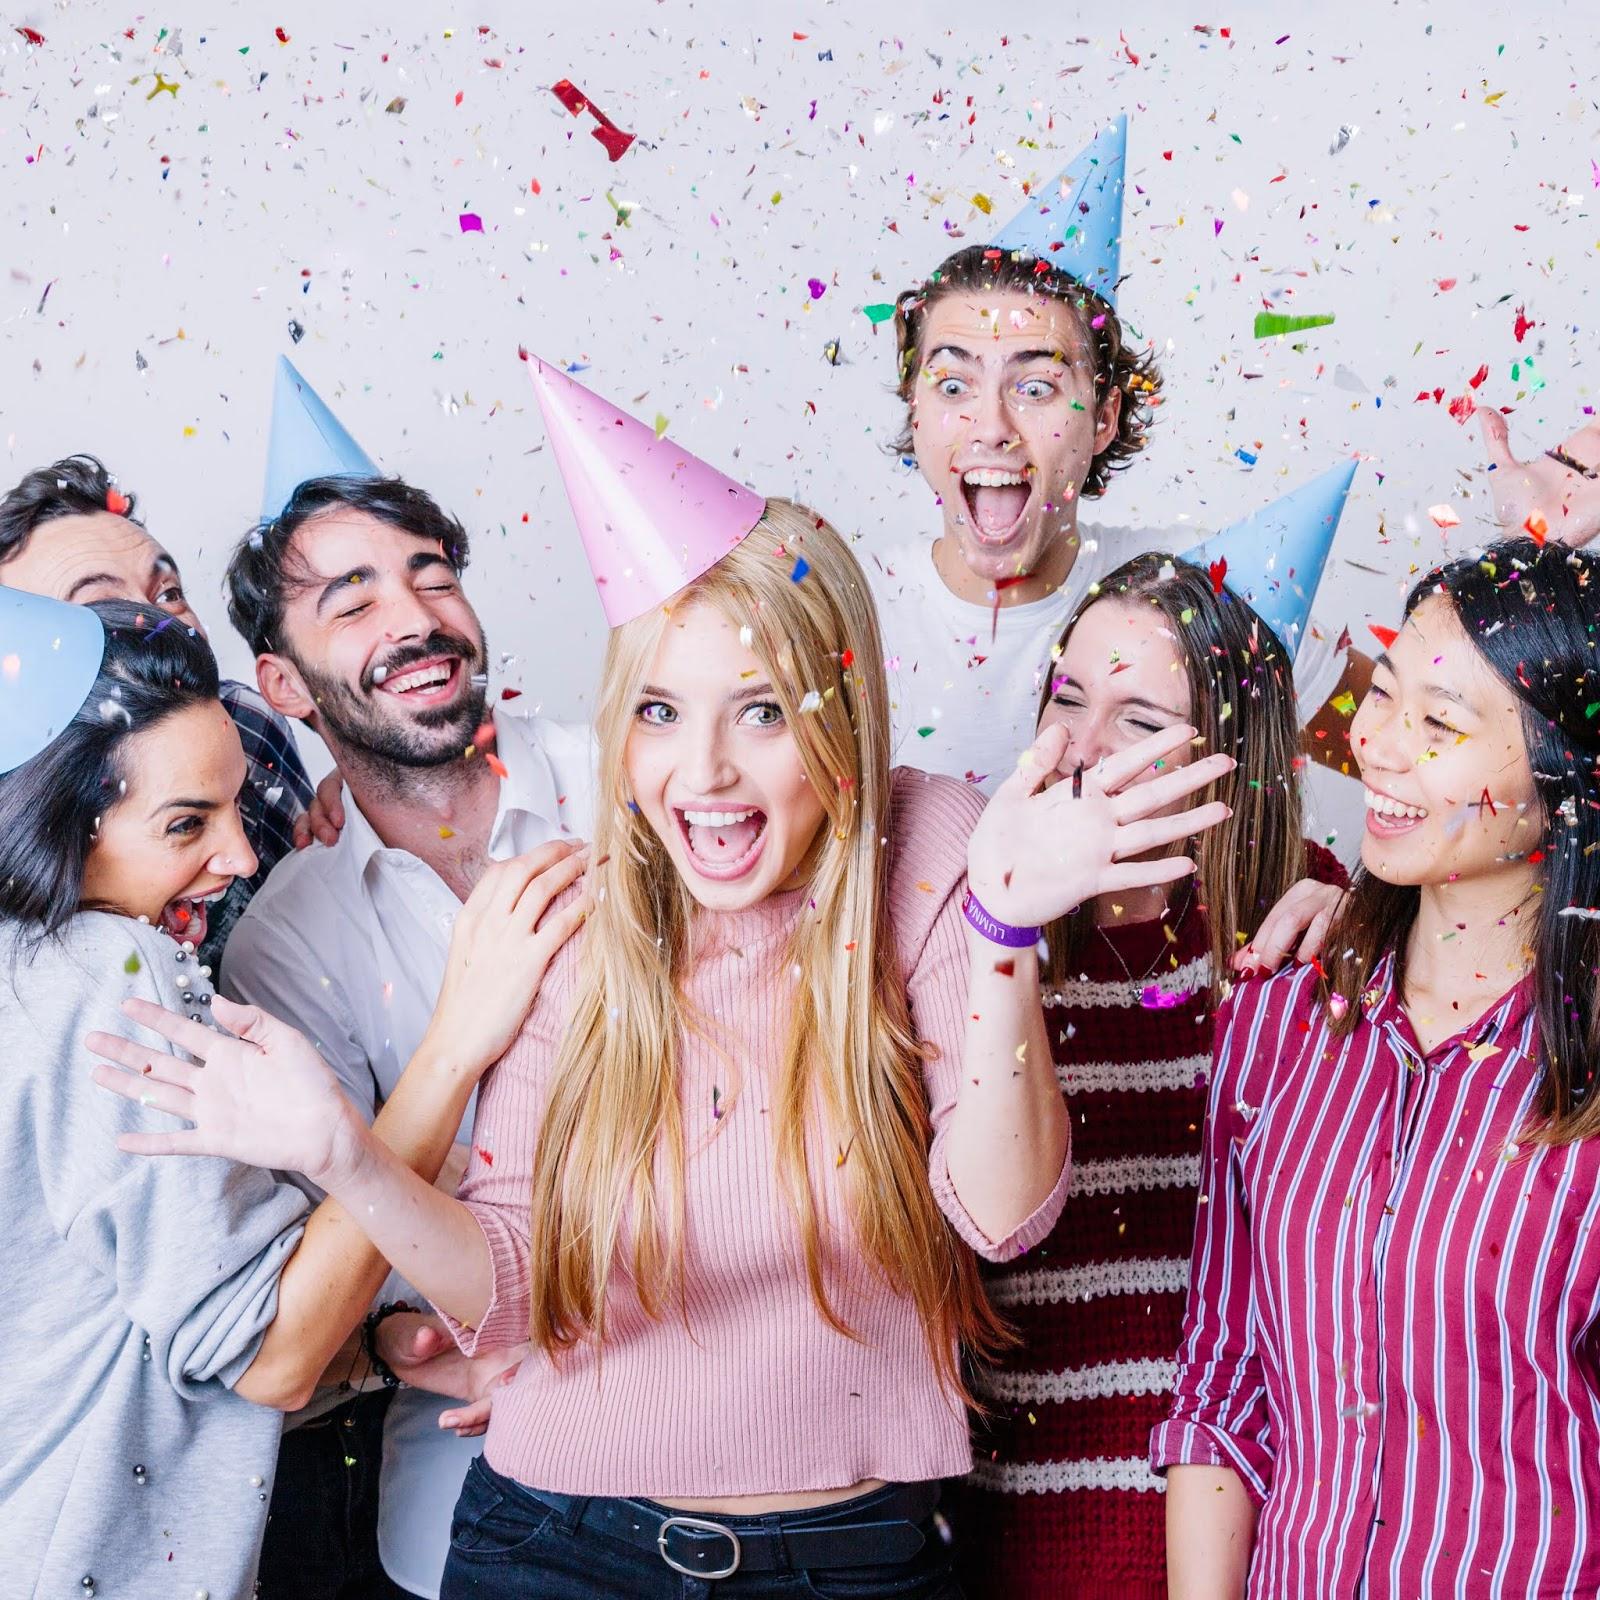 Festa surpresa | Troll - Soluções para eventos